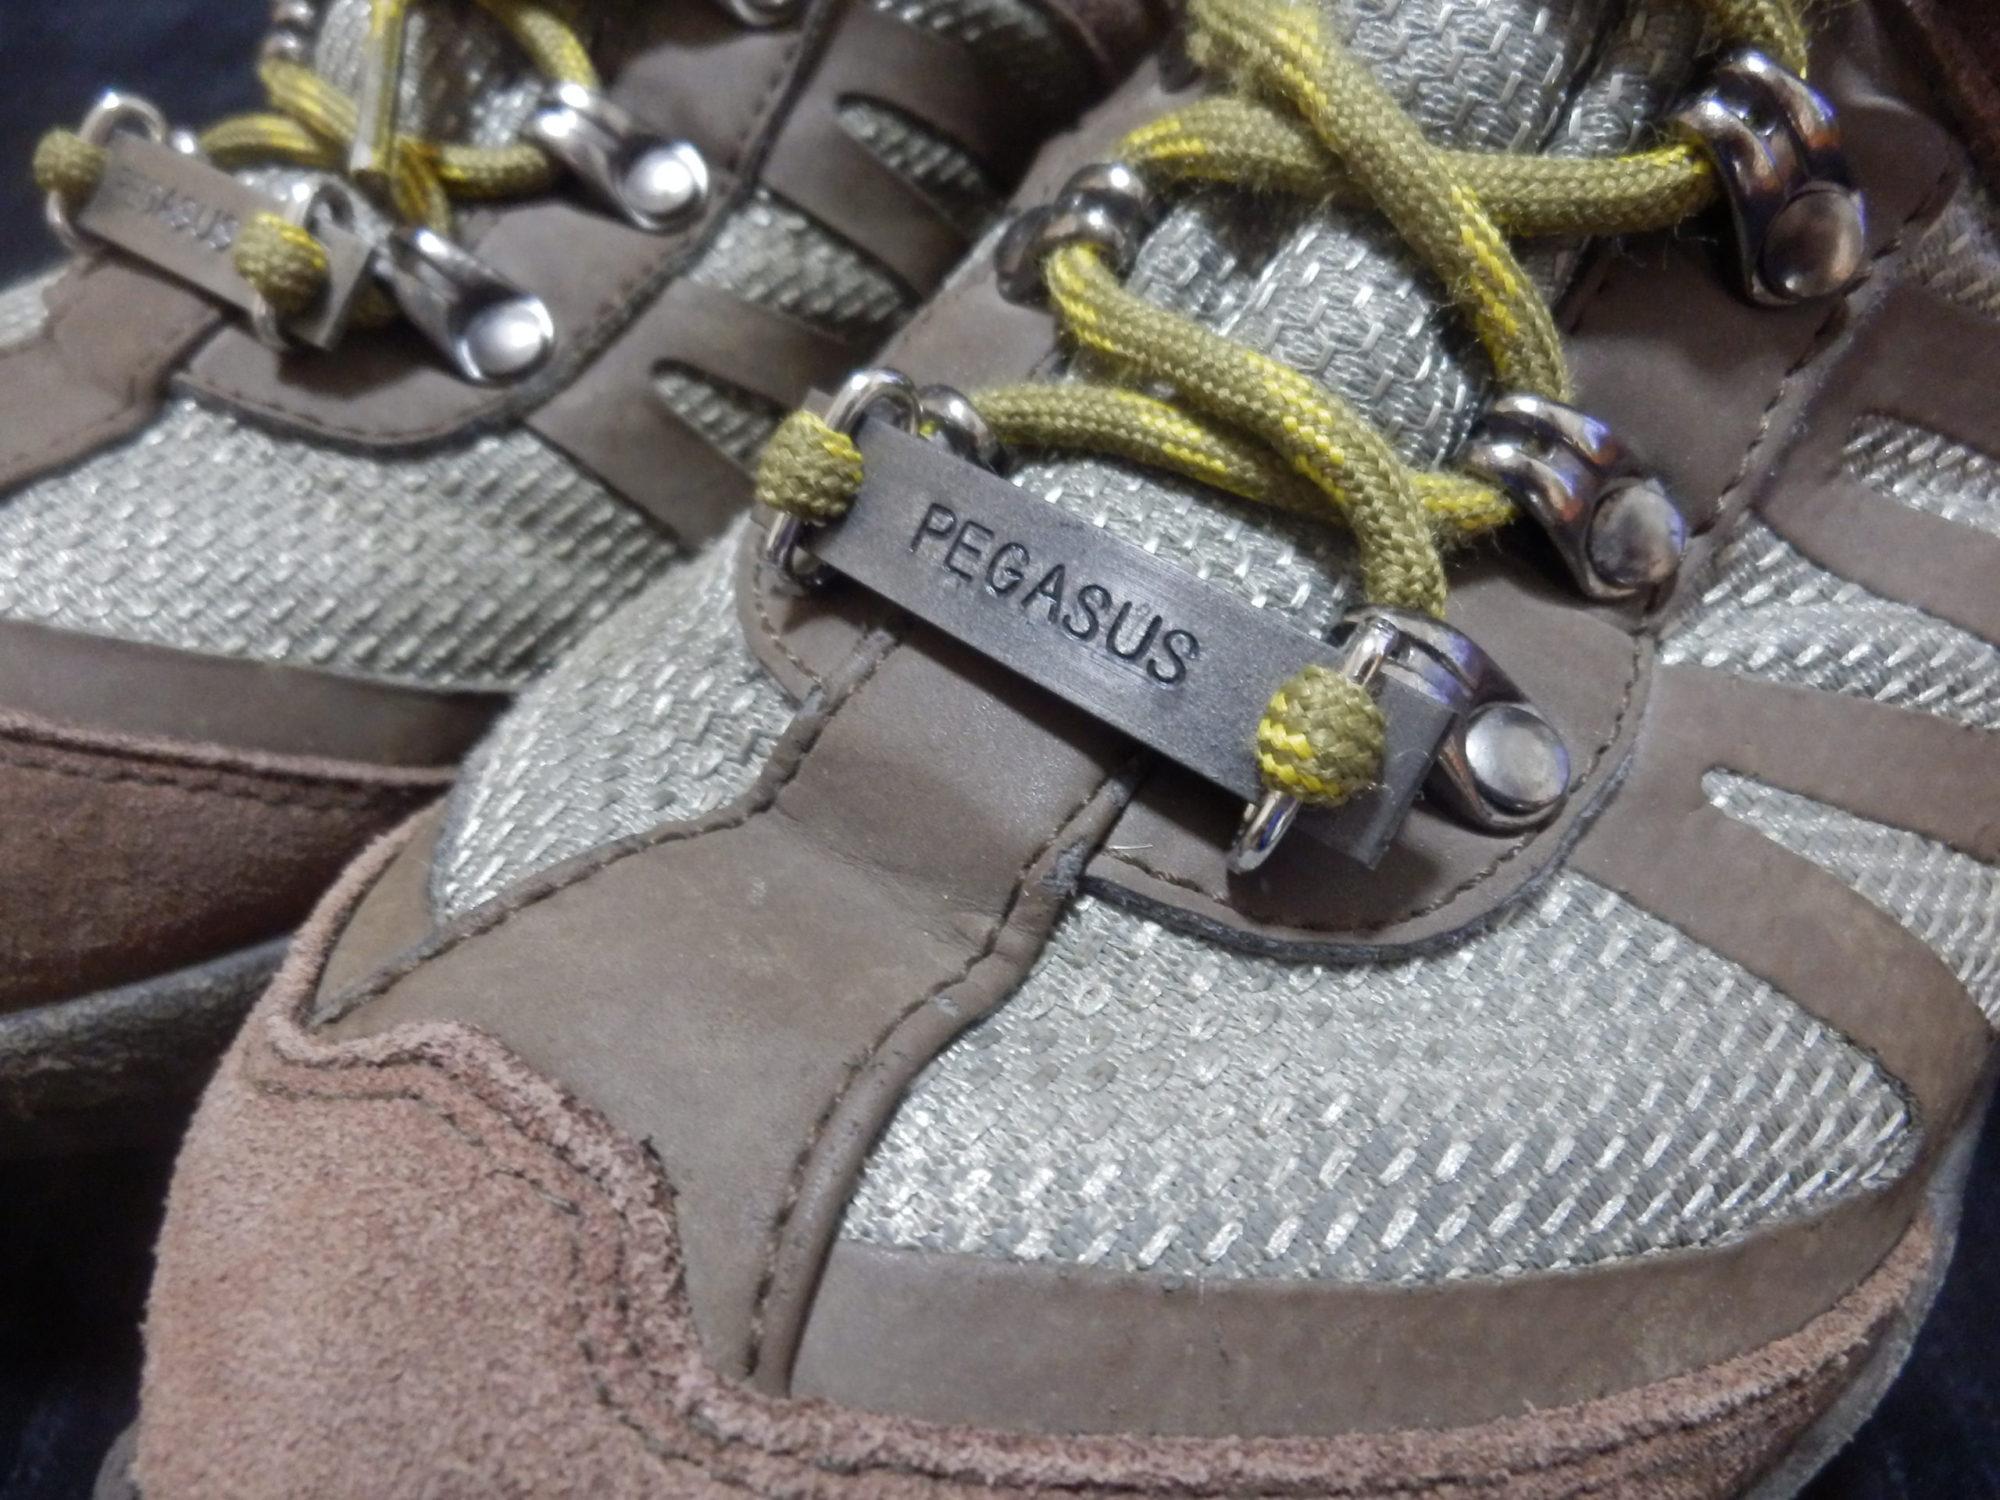 登山靴ネームプレート、シューズプレート